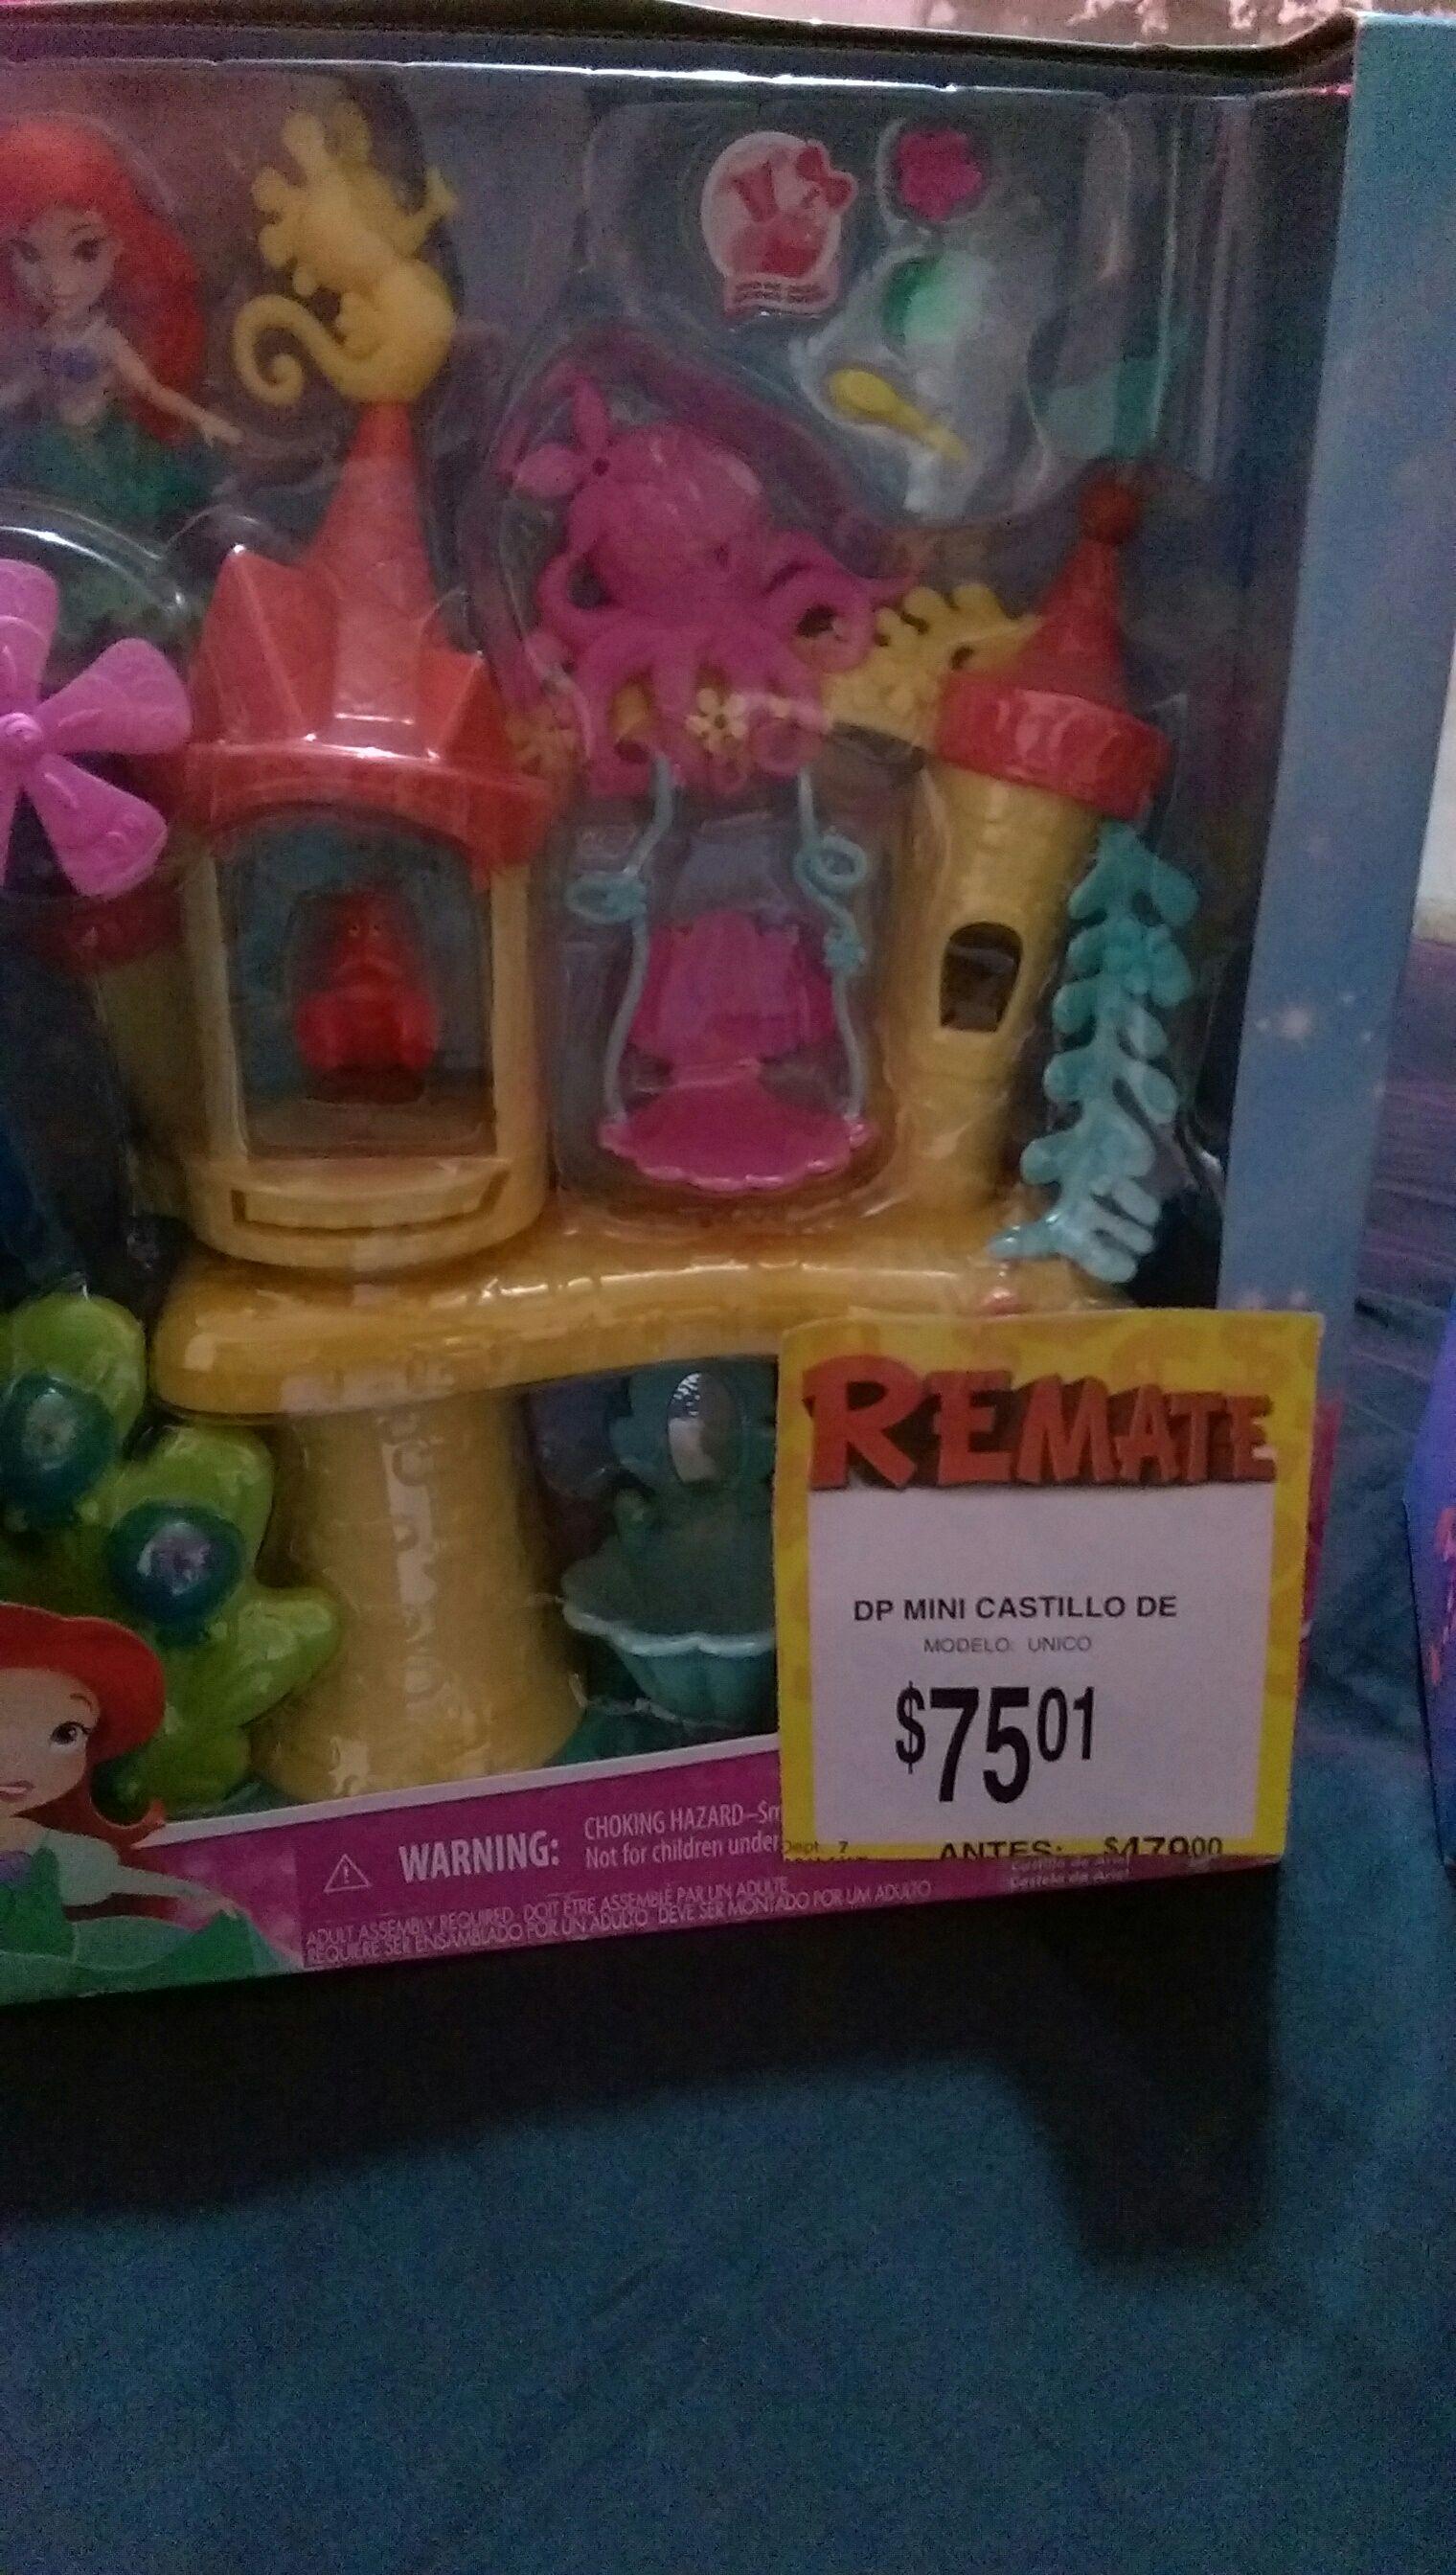 Bodega aurrera guerrero liquidaciones juguetes desde $60.y en Walmart sufragio play doh frozen en $24